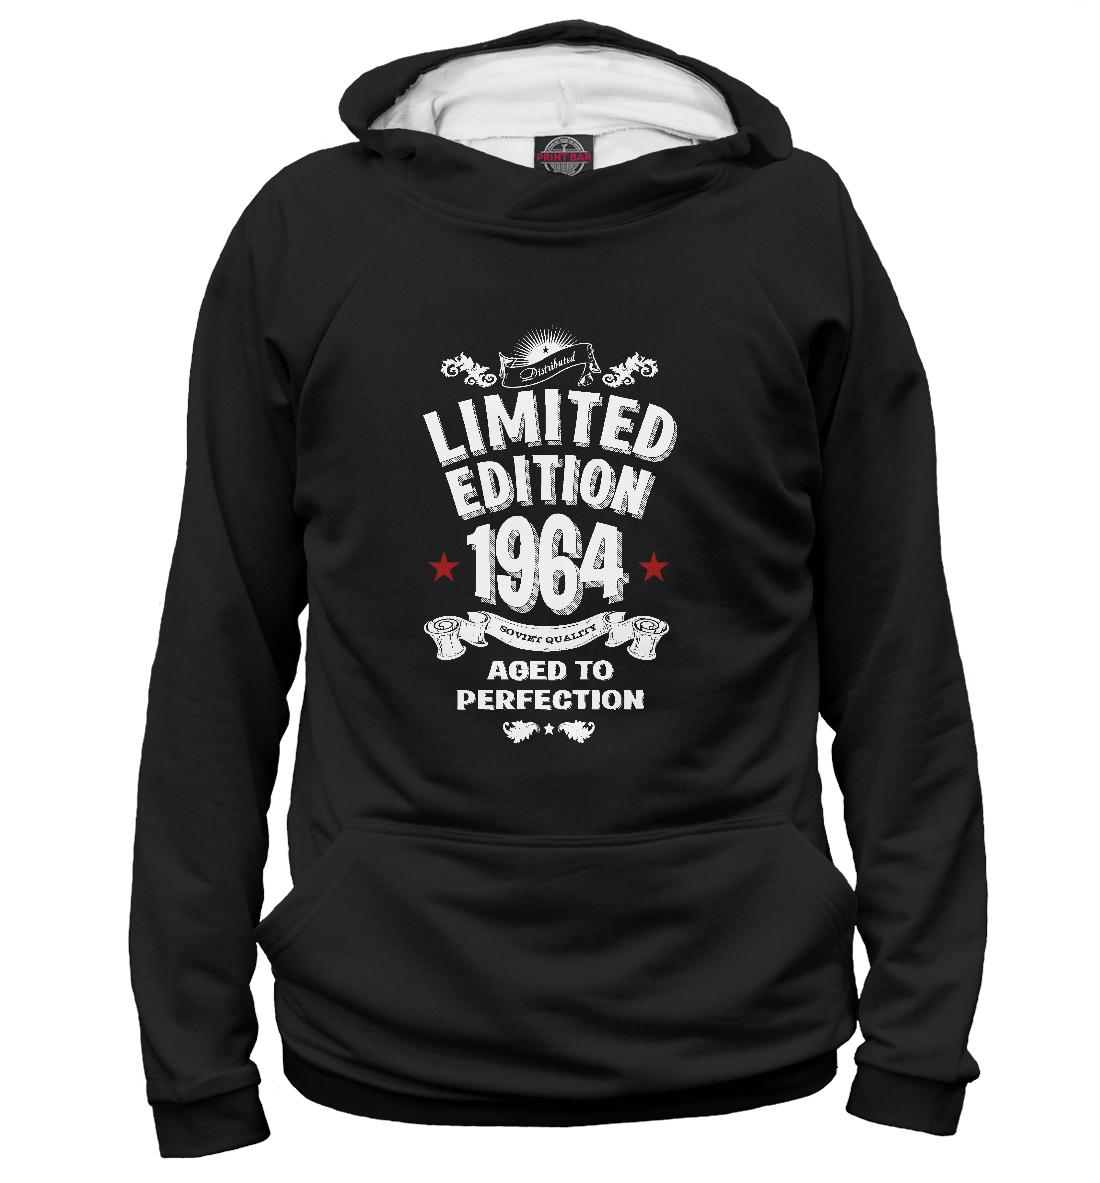 Купить 1964-Ограниченная серия. Советское качество., Printbar, Худи, SSS-193021-hud-2